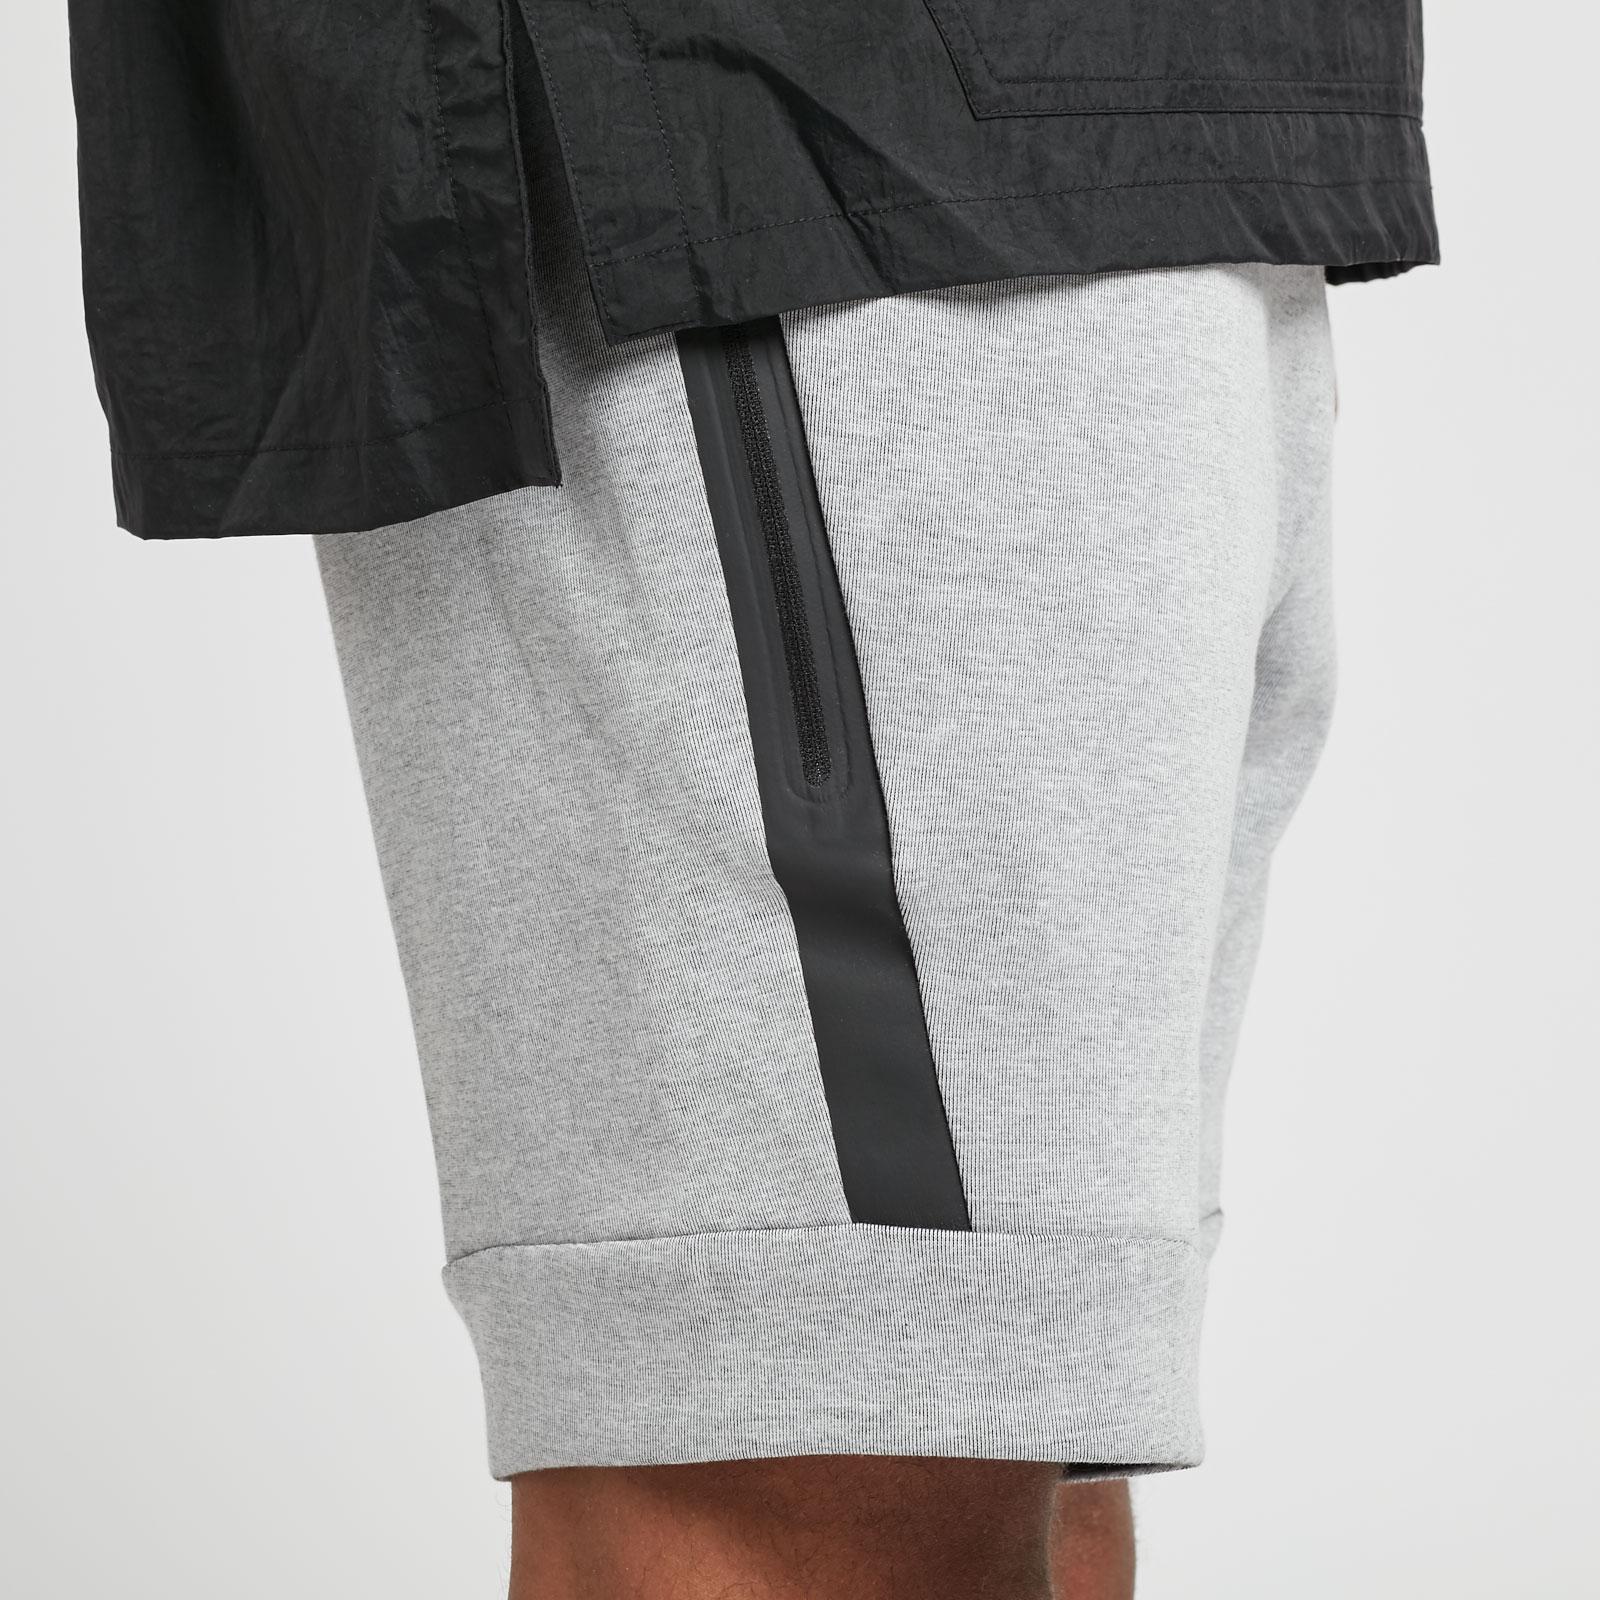 fecb7cb4e7e Nike M NSW Tech Fleece Short - 805160-100 - Sneakersnstuff ...